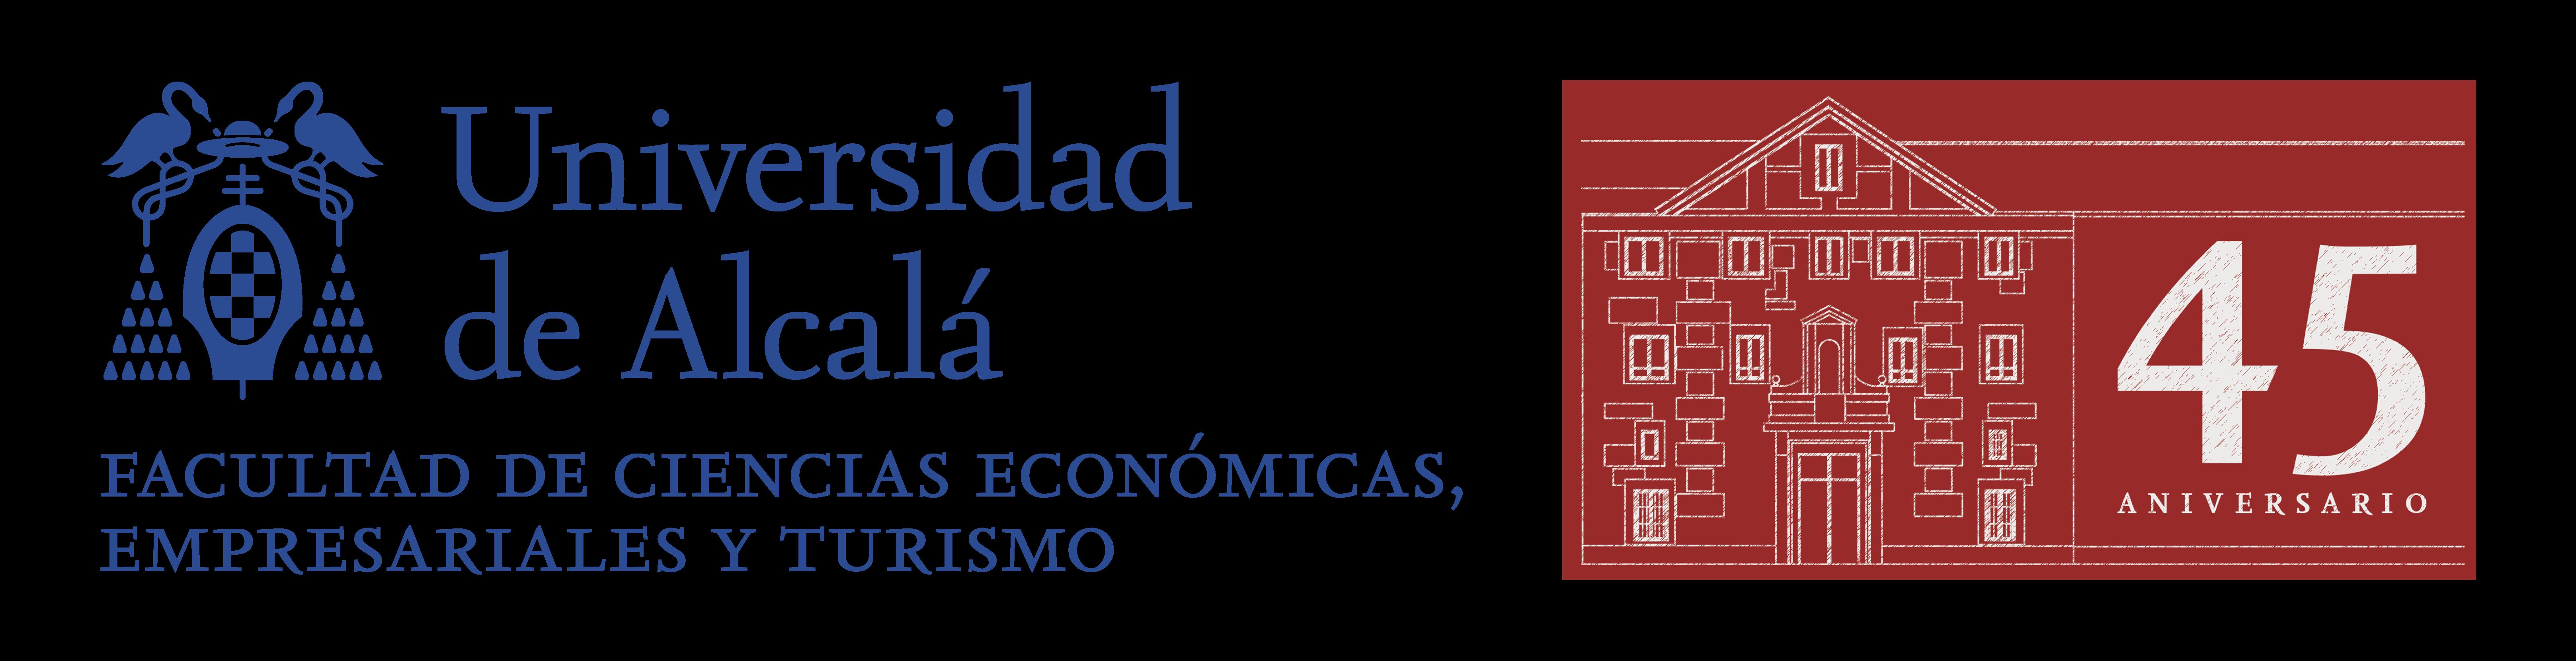 Facultad de Ciencias Económicas, Empresariales y de Turismo de la Universidad de Alcalá